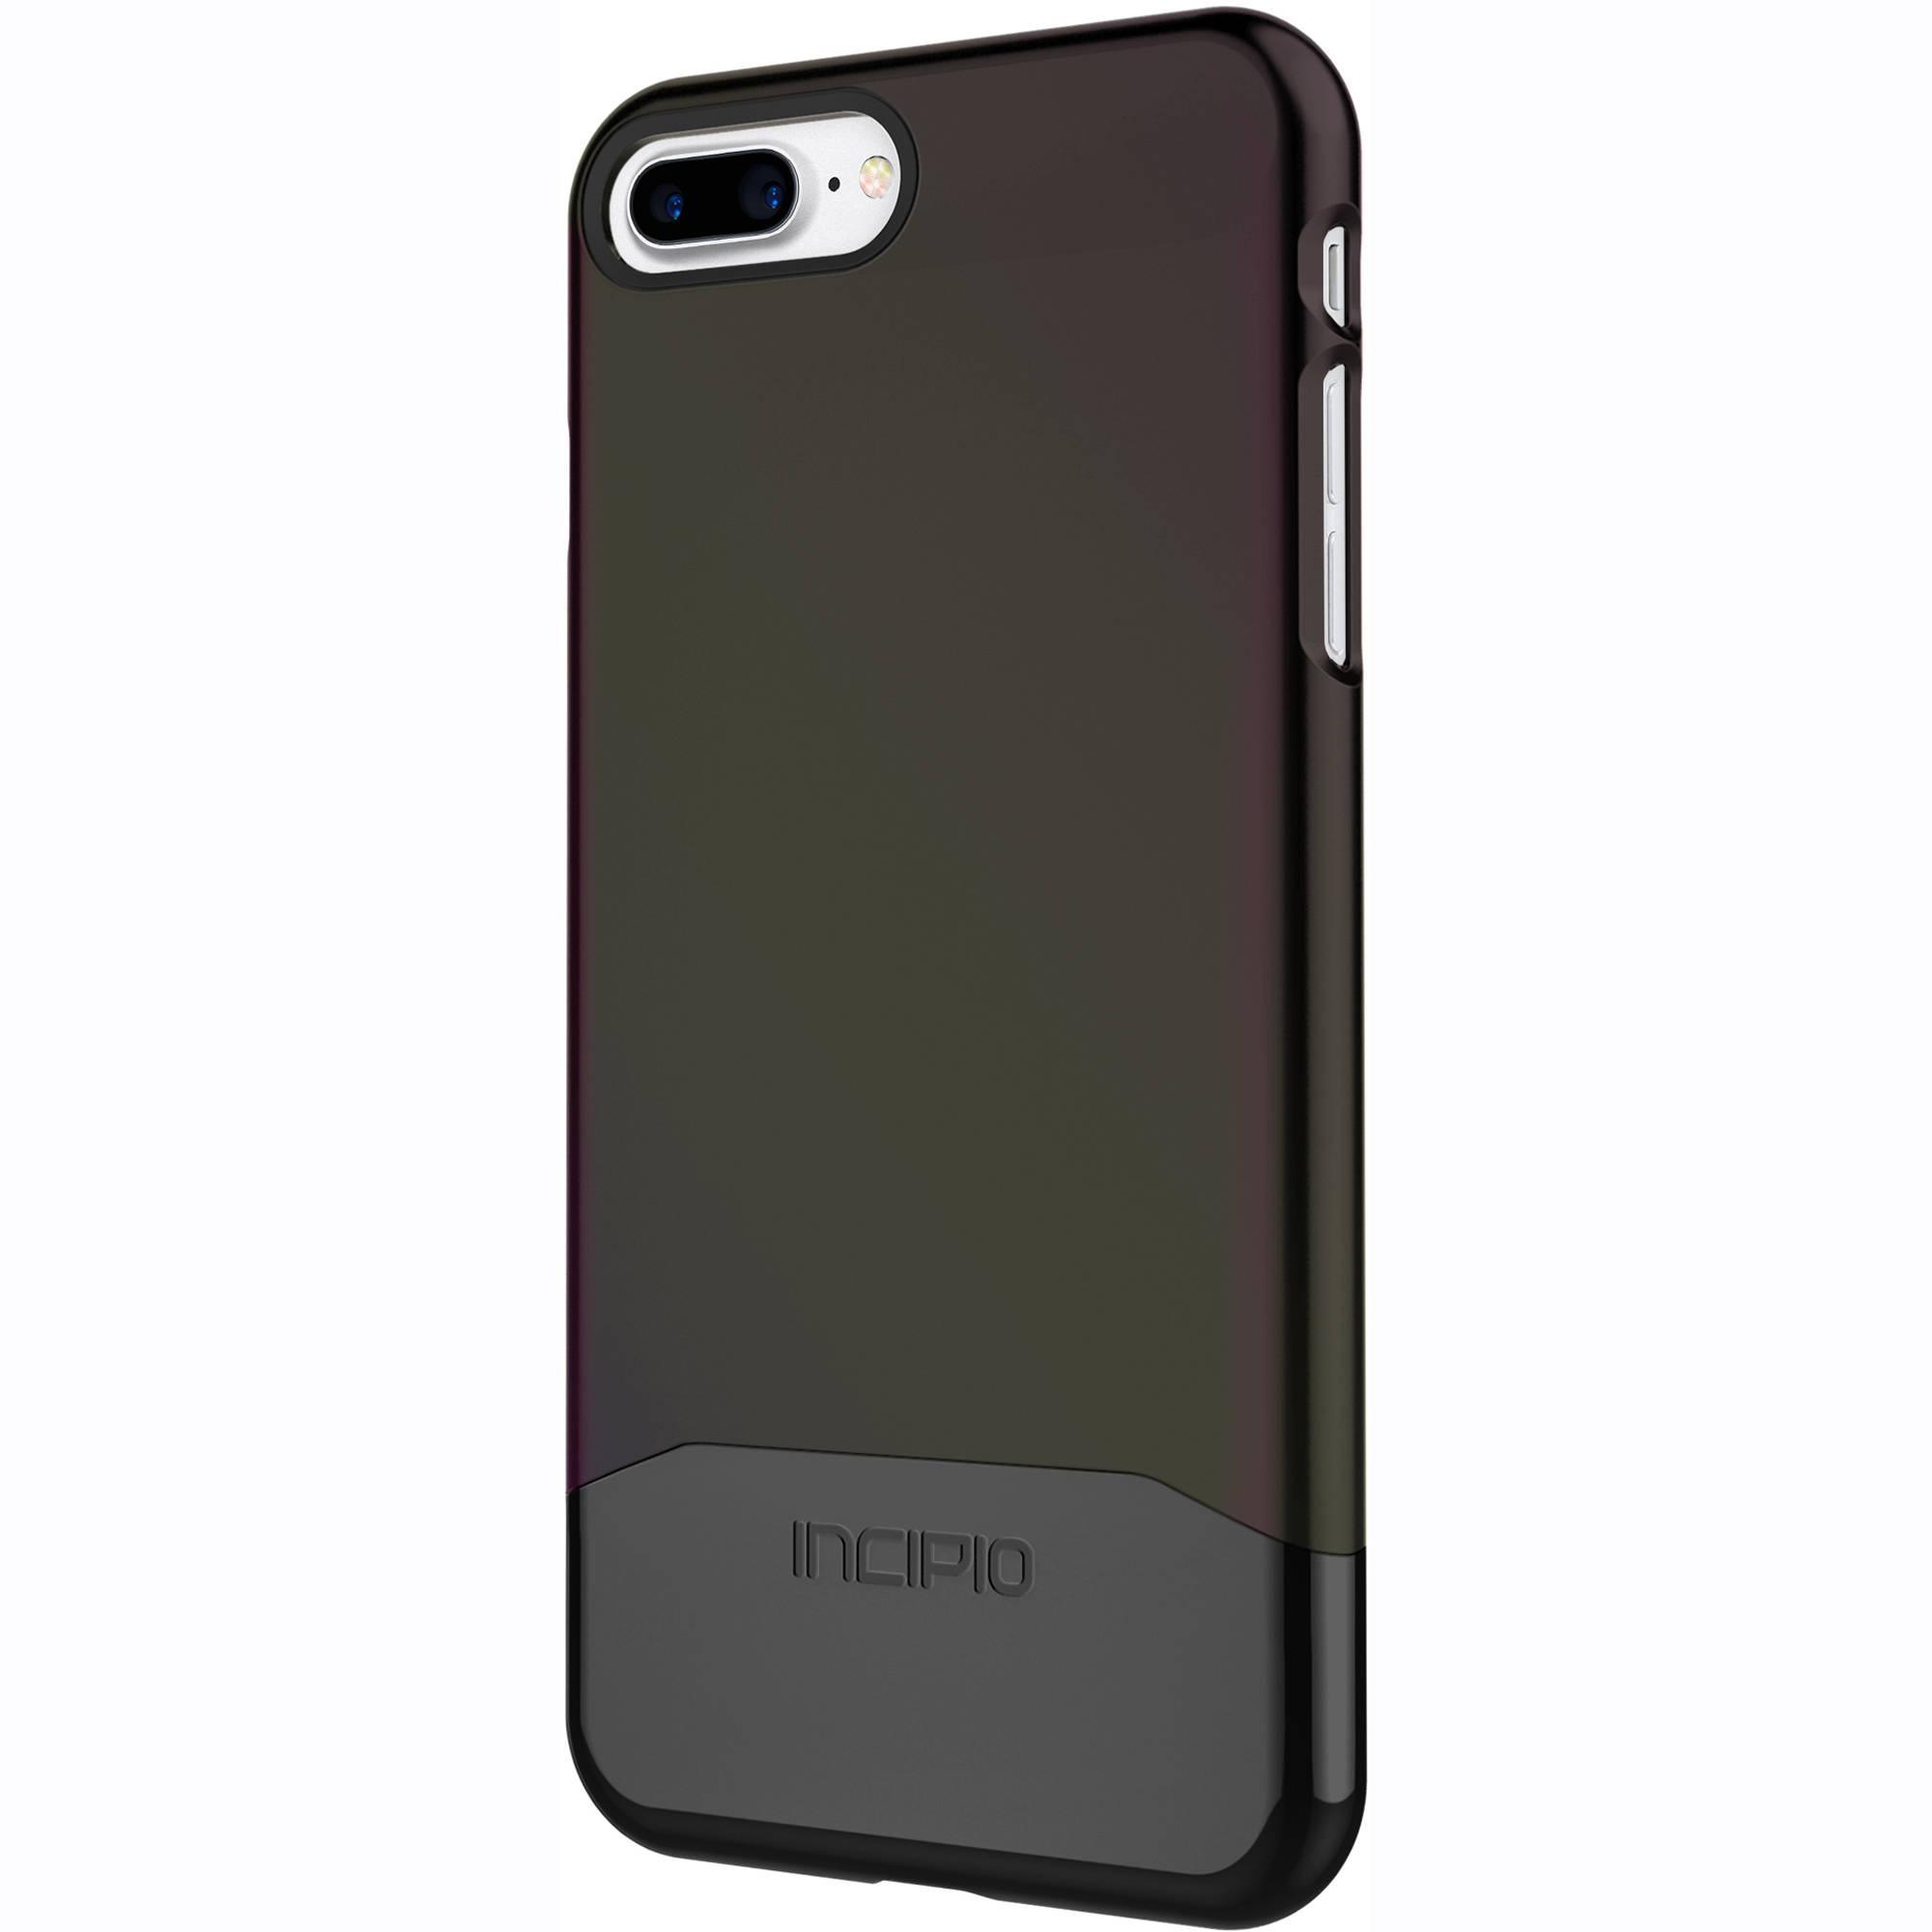 Incipio Edge Chrome Case for iPhone 7 Plus (Iridescent Black Oil  Slick/Chrome Black)